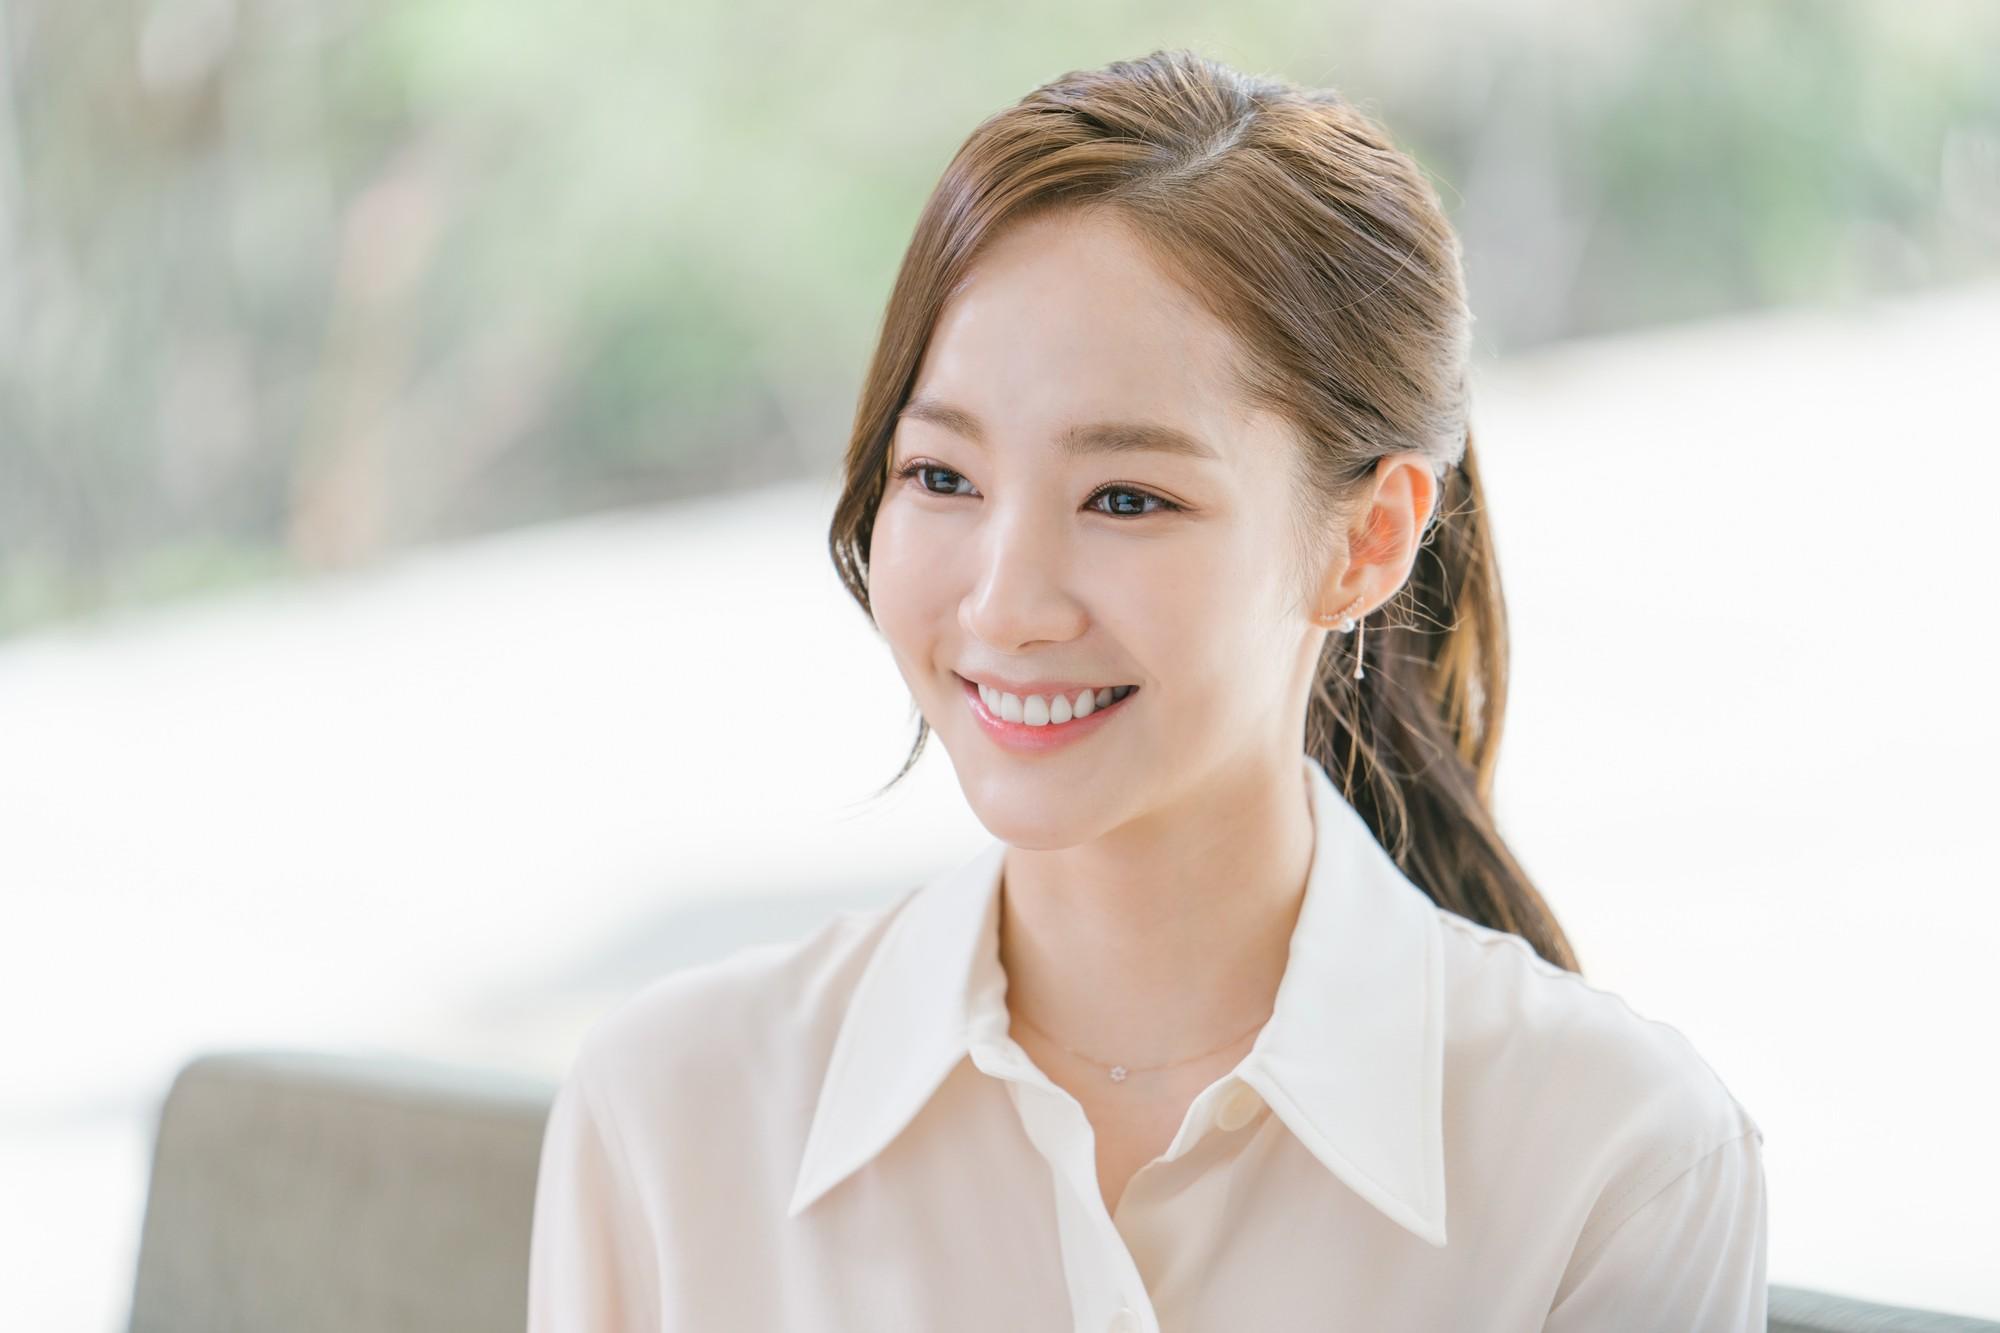 Còn lâu mới chiếu, phim mới của Park Seo Joon - Park Min Young đã gây sốt vì thời trang quá đẹp - Ảnh 16.